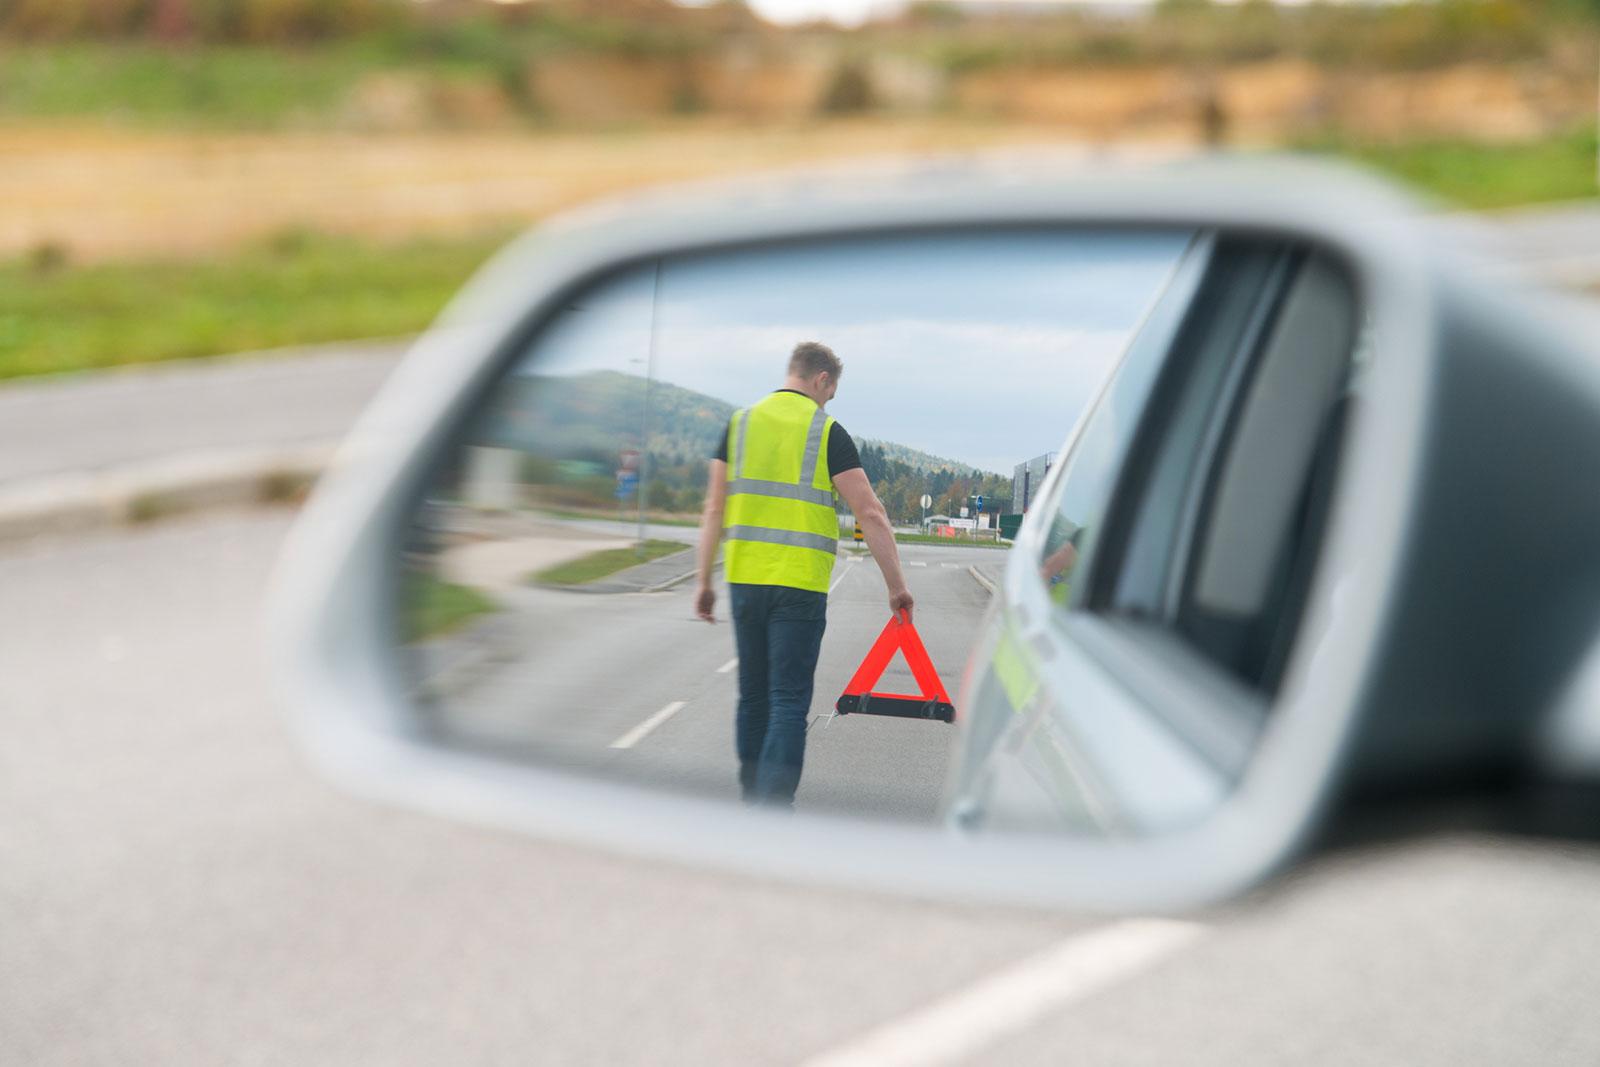 Warndreieck und Sicherheitsweste: So sicherst du die Unfallstelle.